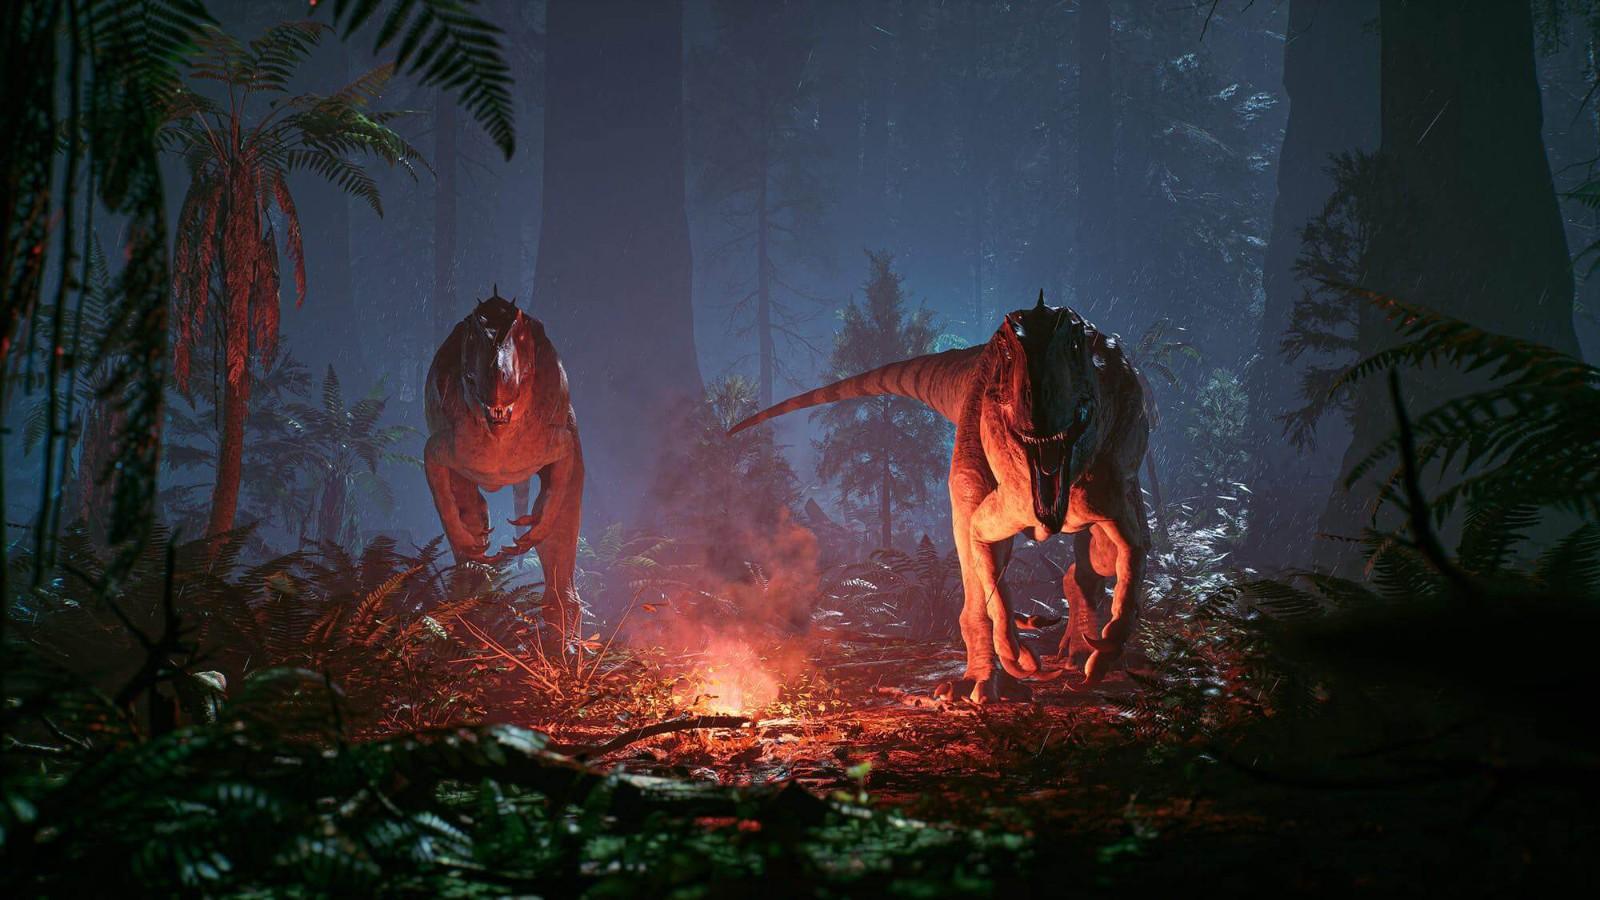 恐怖生存冒险游戏《迷失荒野》新截图 带给你电影般的游戏体验